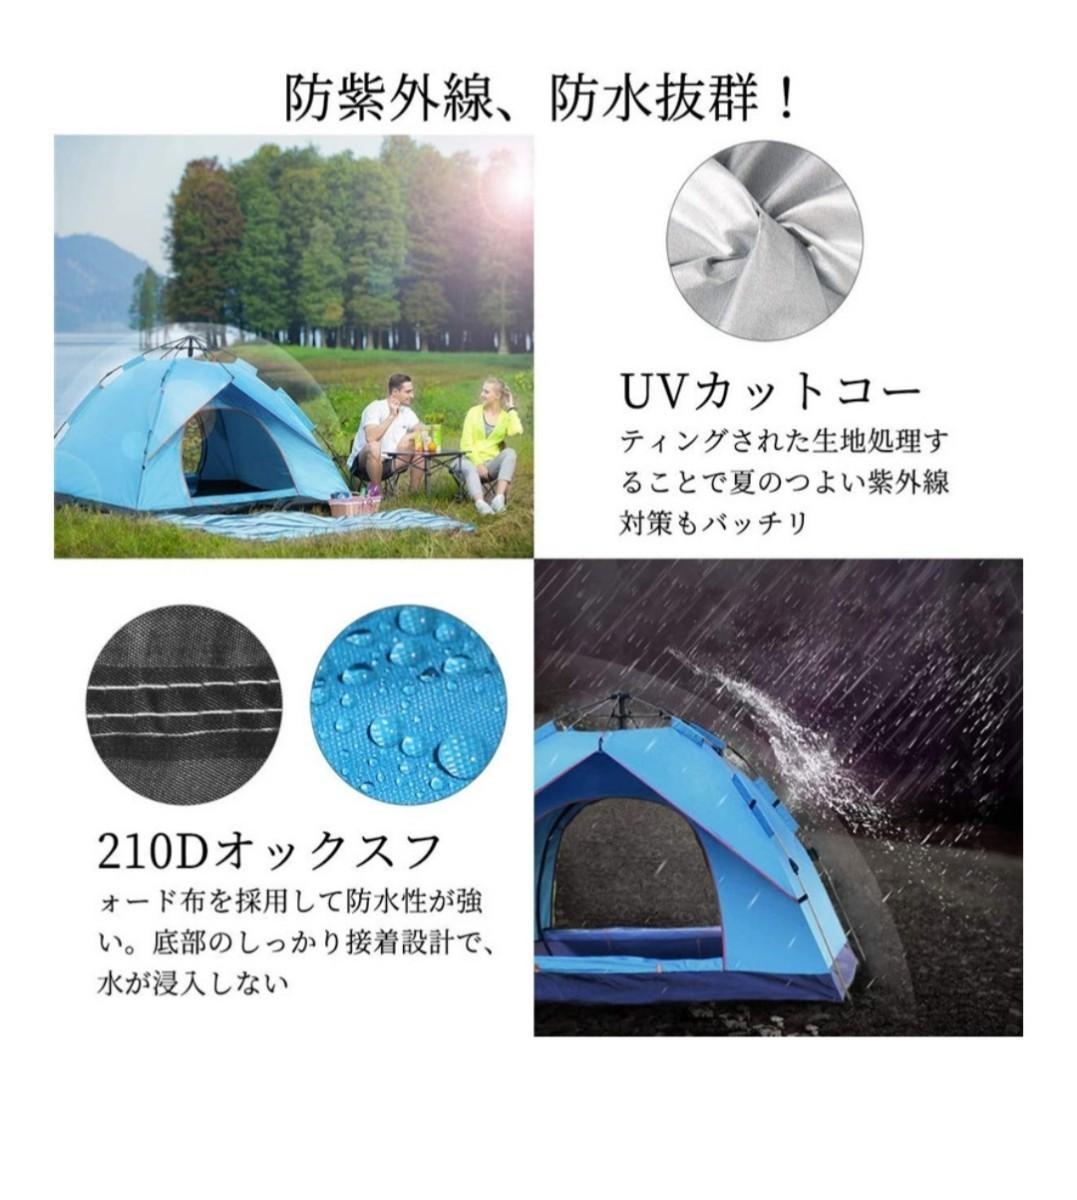 ワンタッチ テント  折りたたみ 簡単 ドームテント